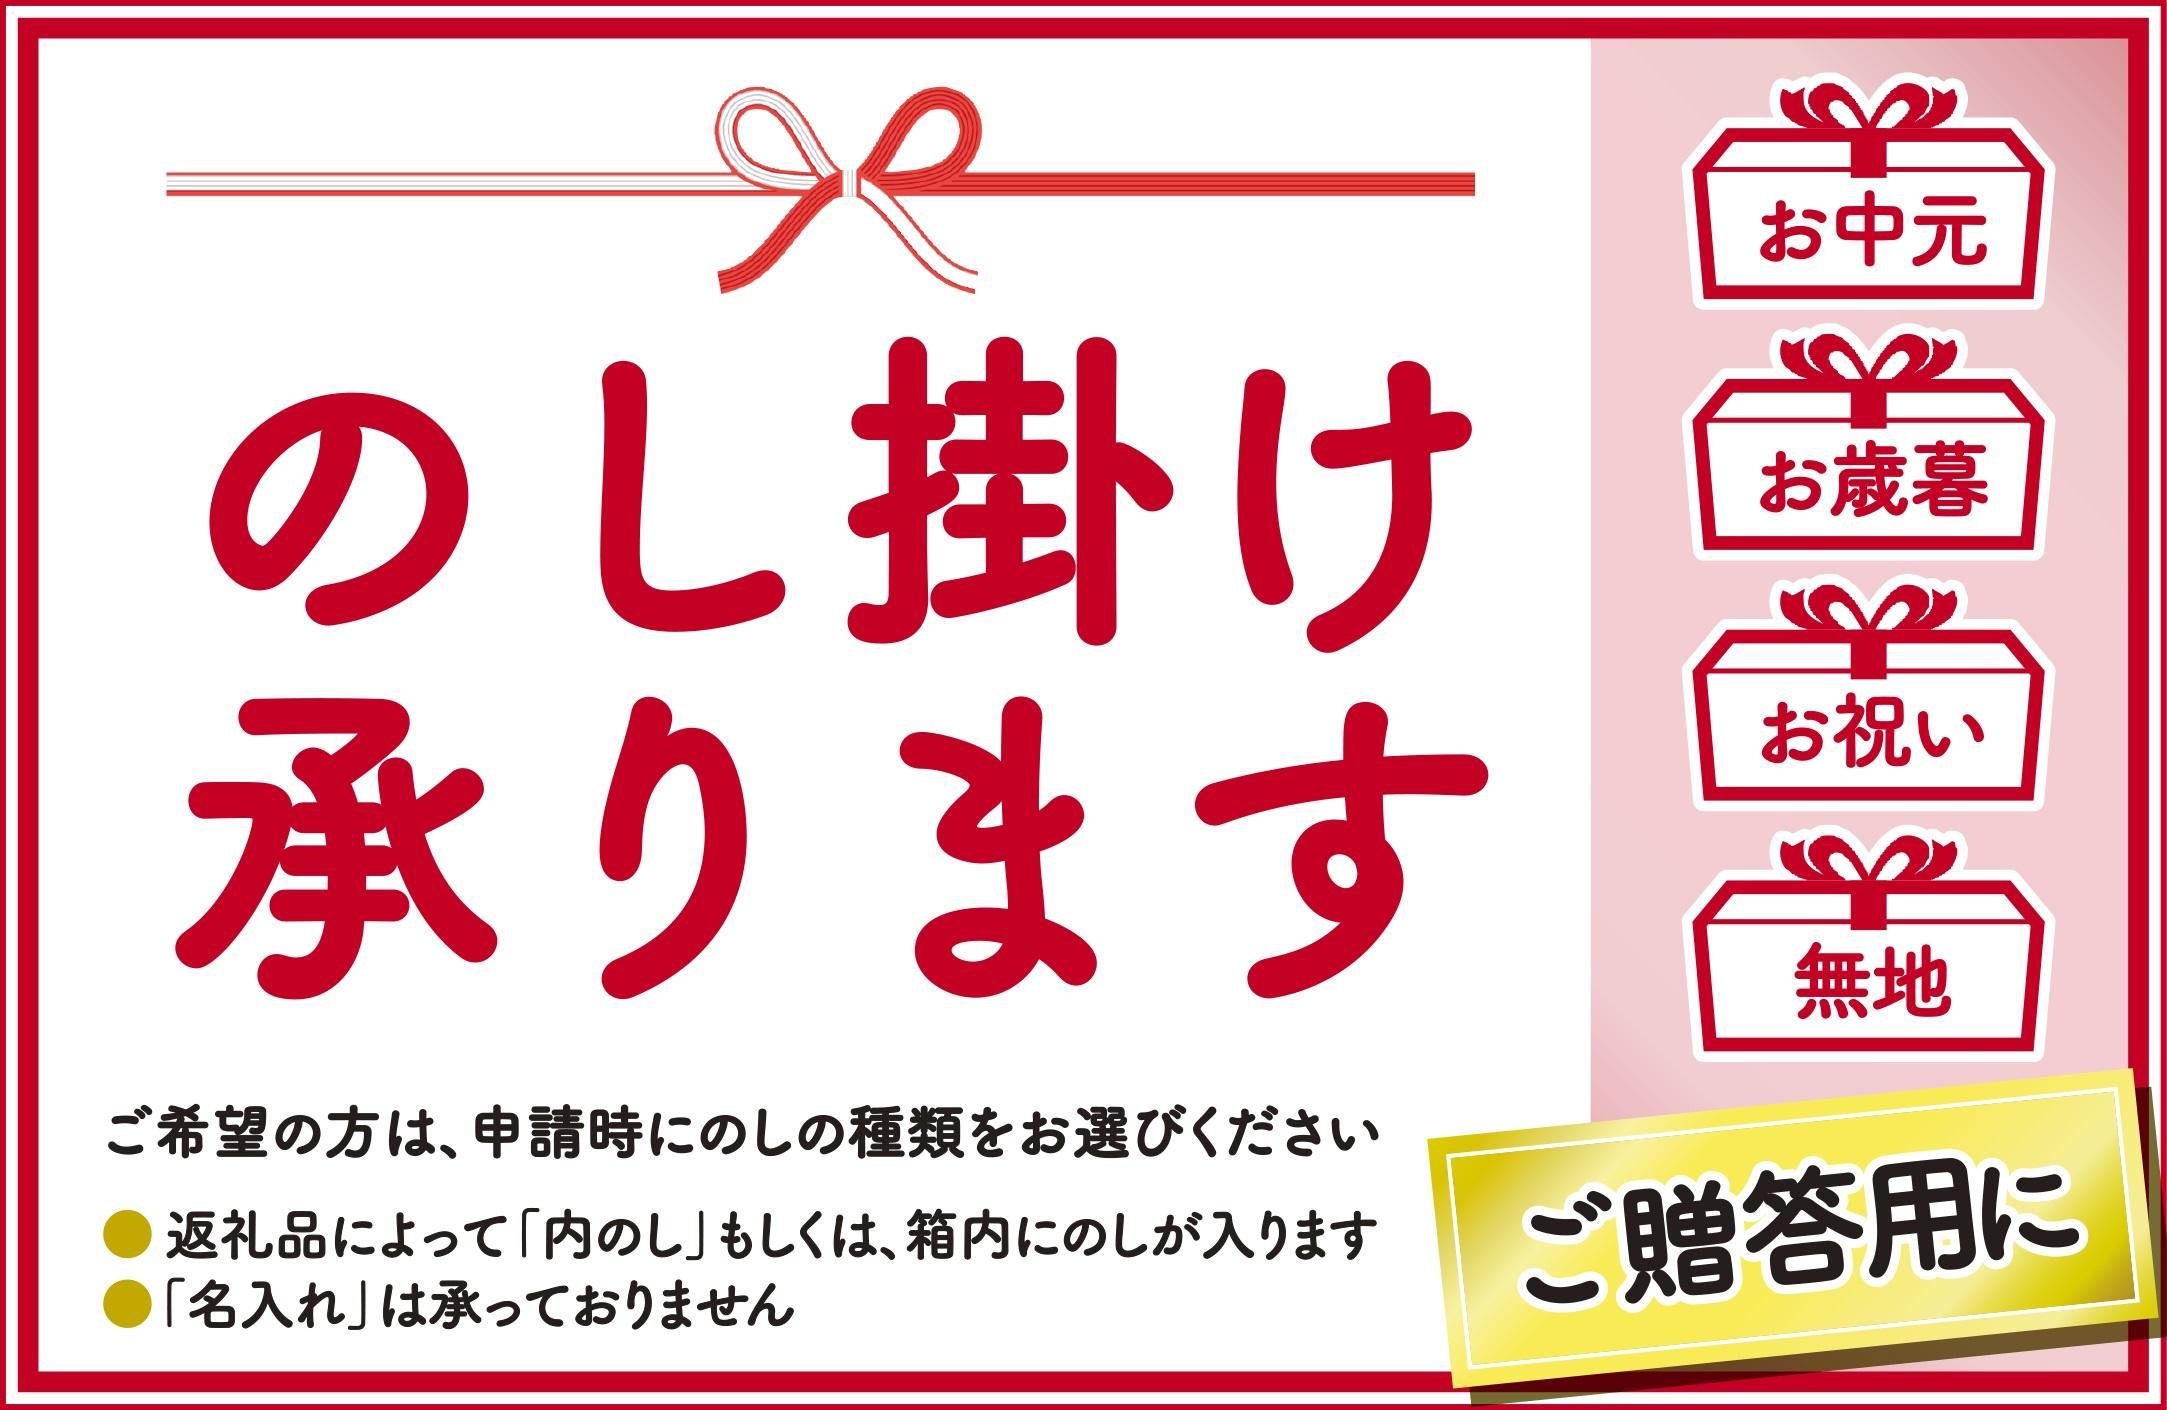 【新型コロナ被害支援】【特別価格】カタラーナ【6個入り】